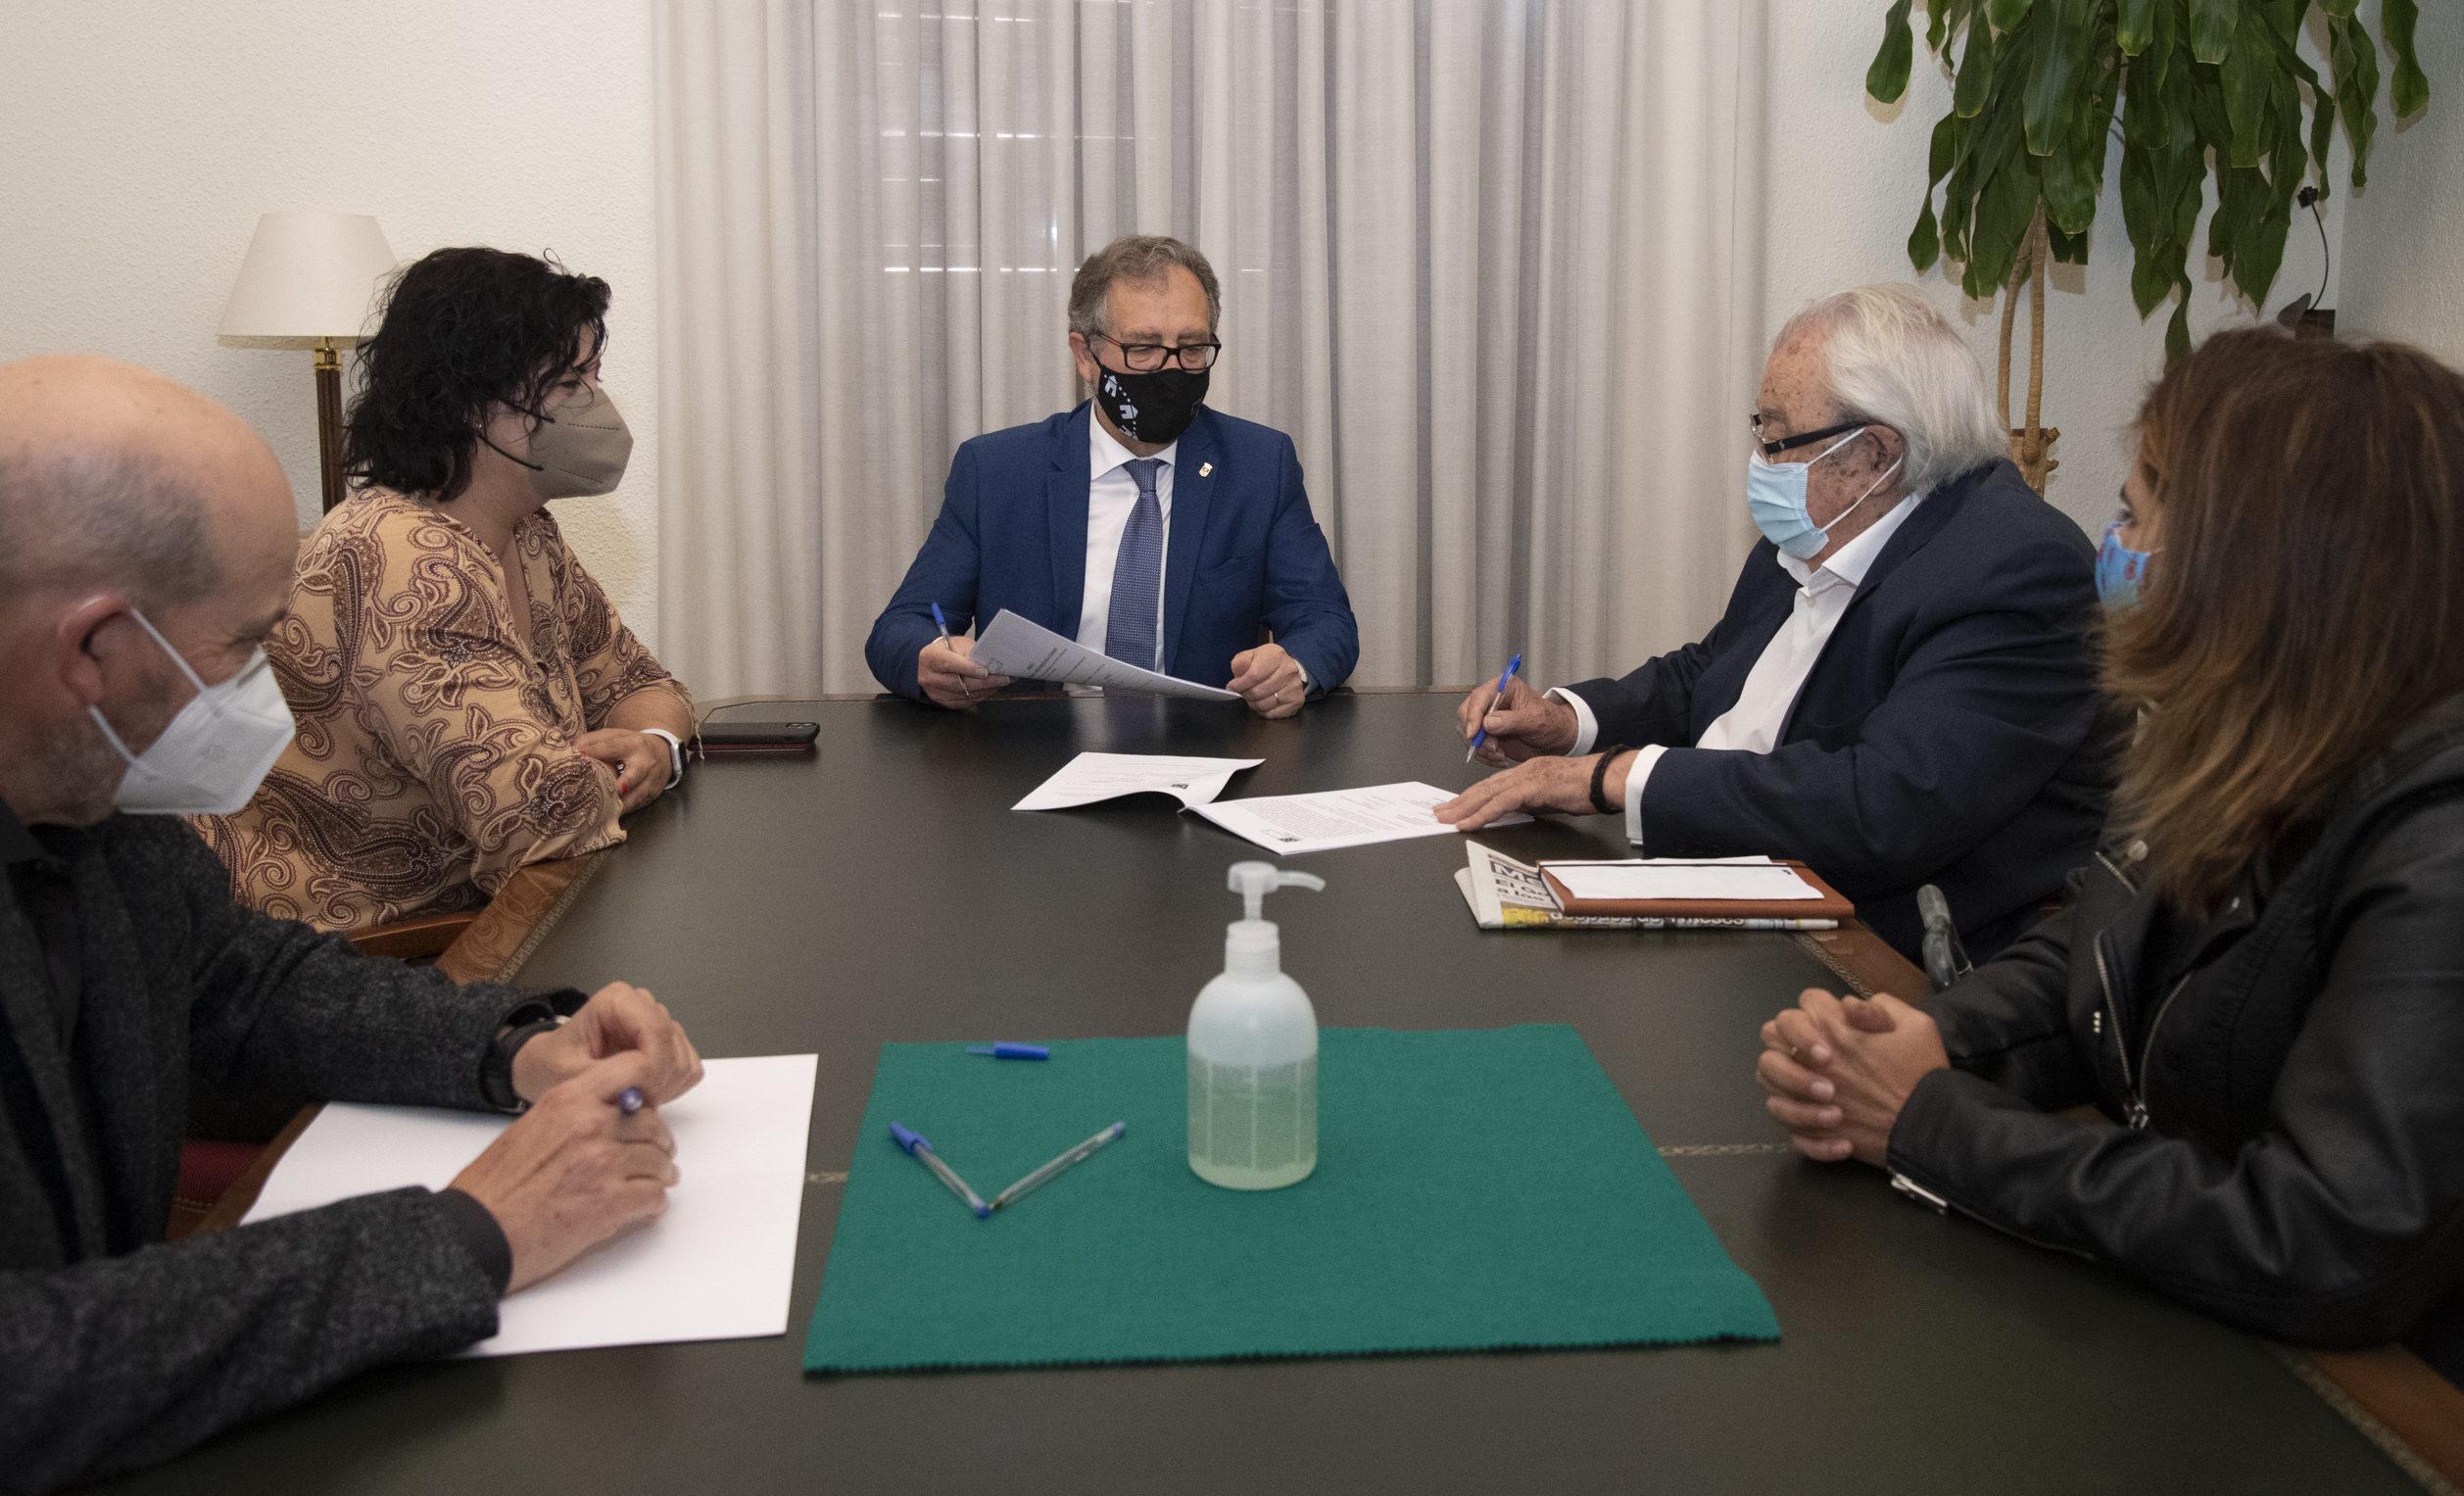 La Diputació donarà suport amb 30.000 euros un projecte de PUNJAB destinat a la salut i les noves tecnologies